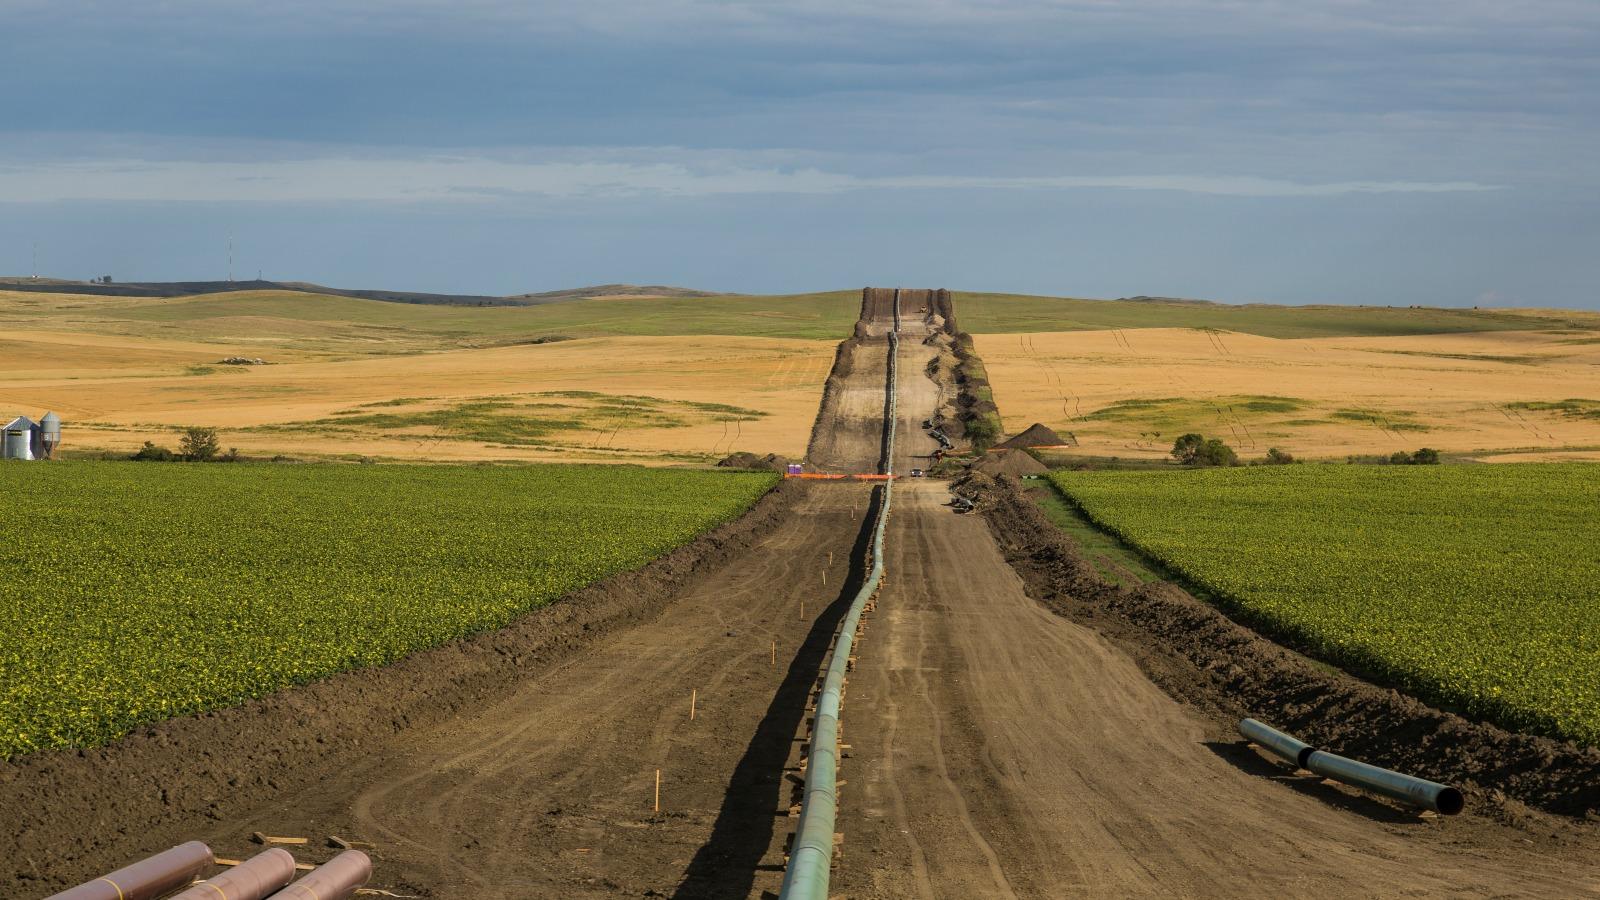 The Dakota Access Pipeline is seen near New Salem, North Dakota.